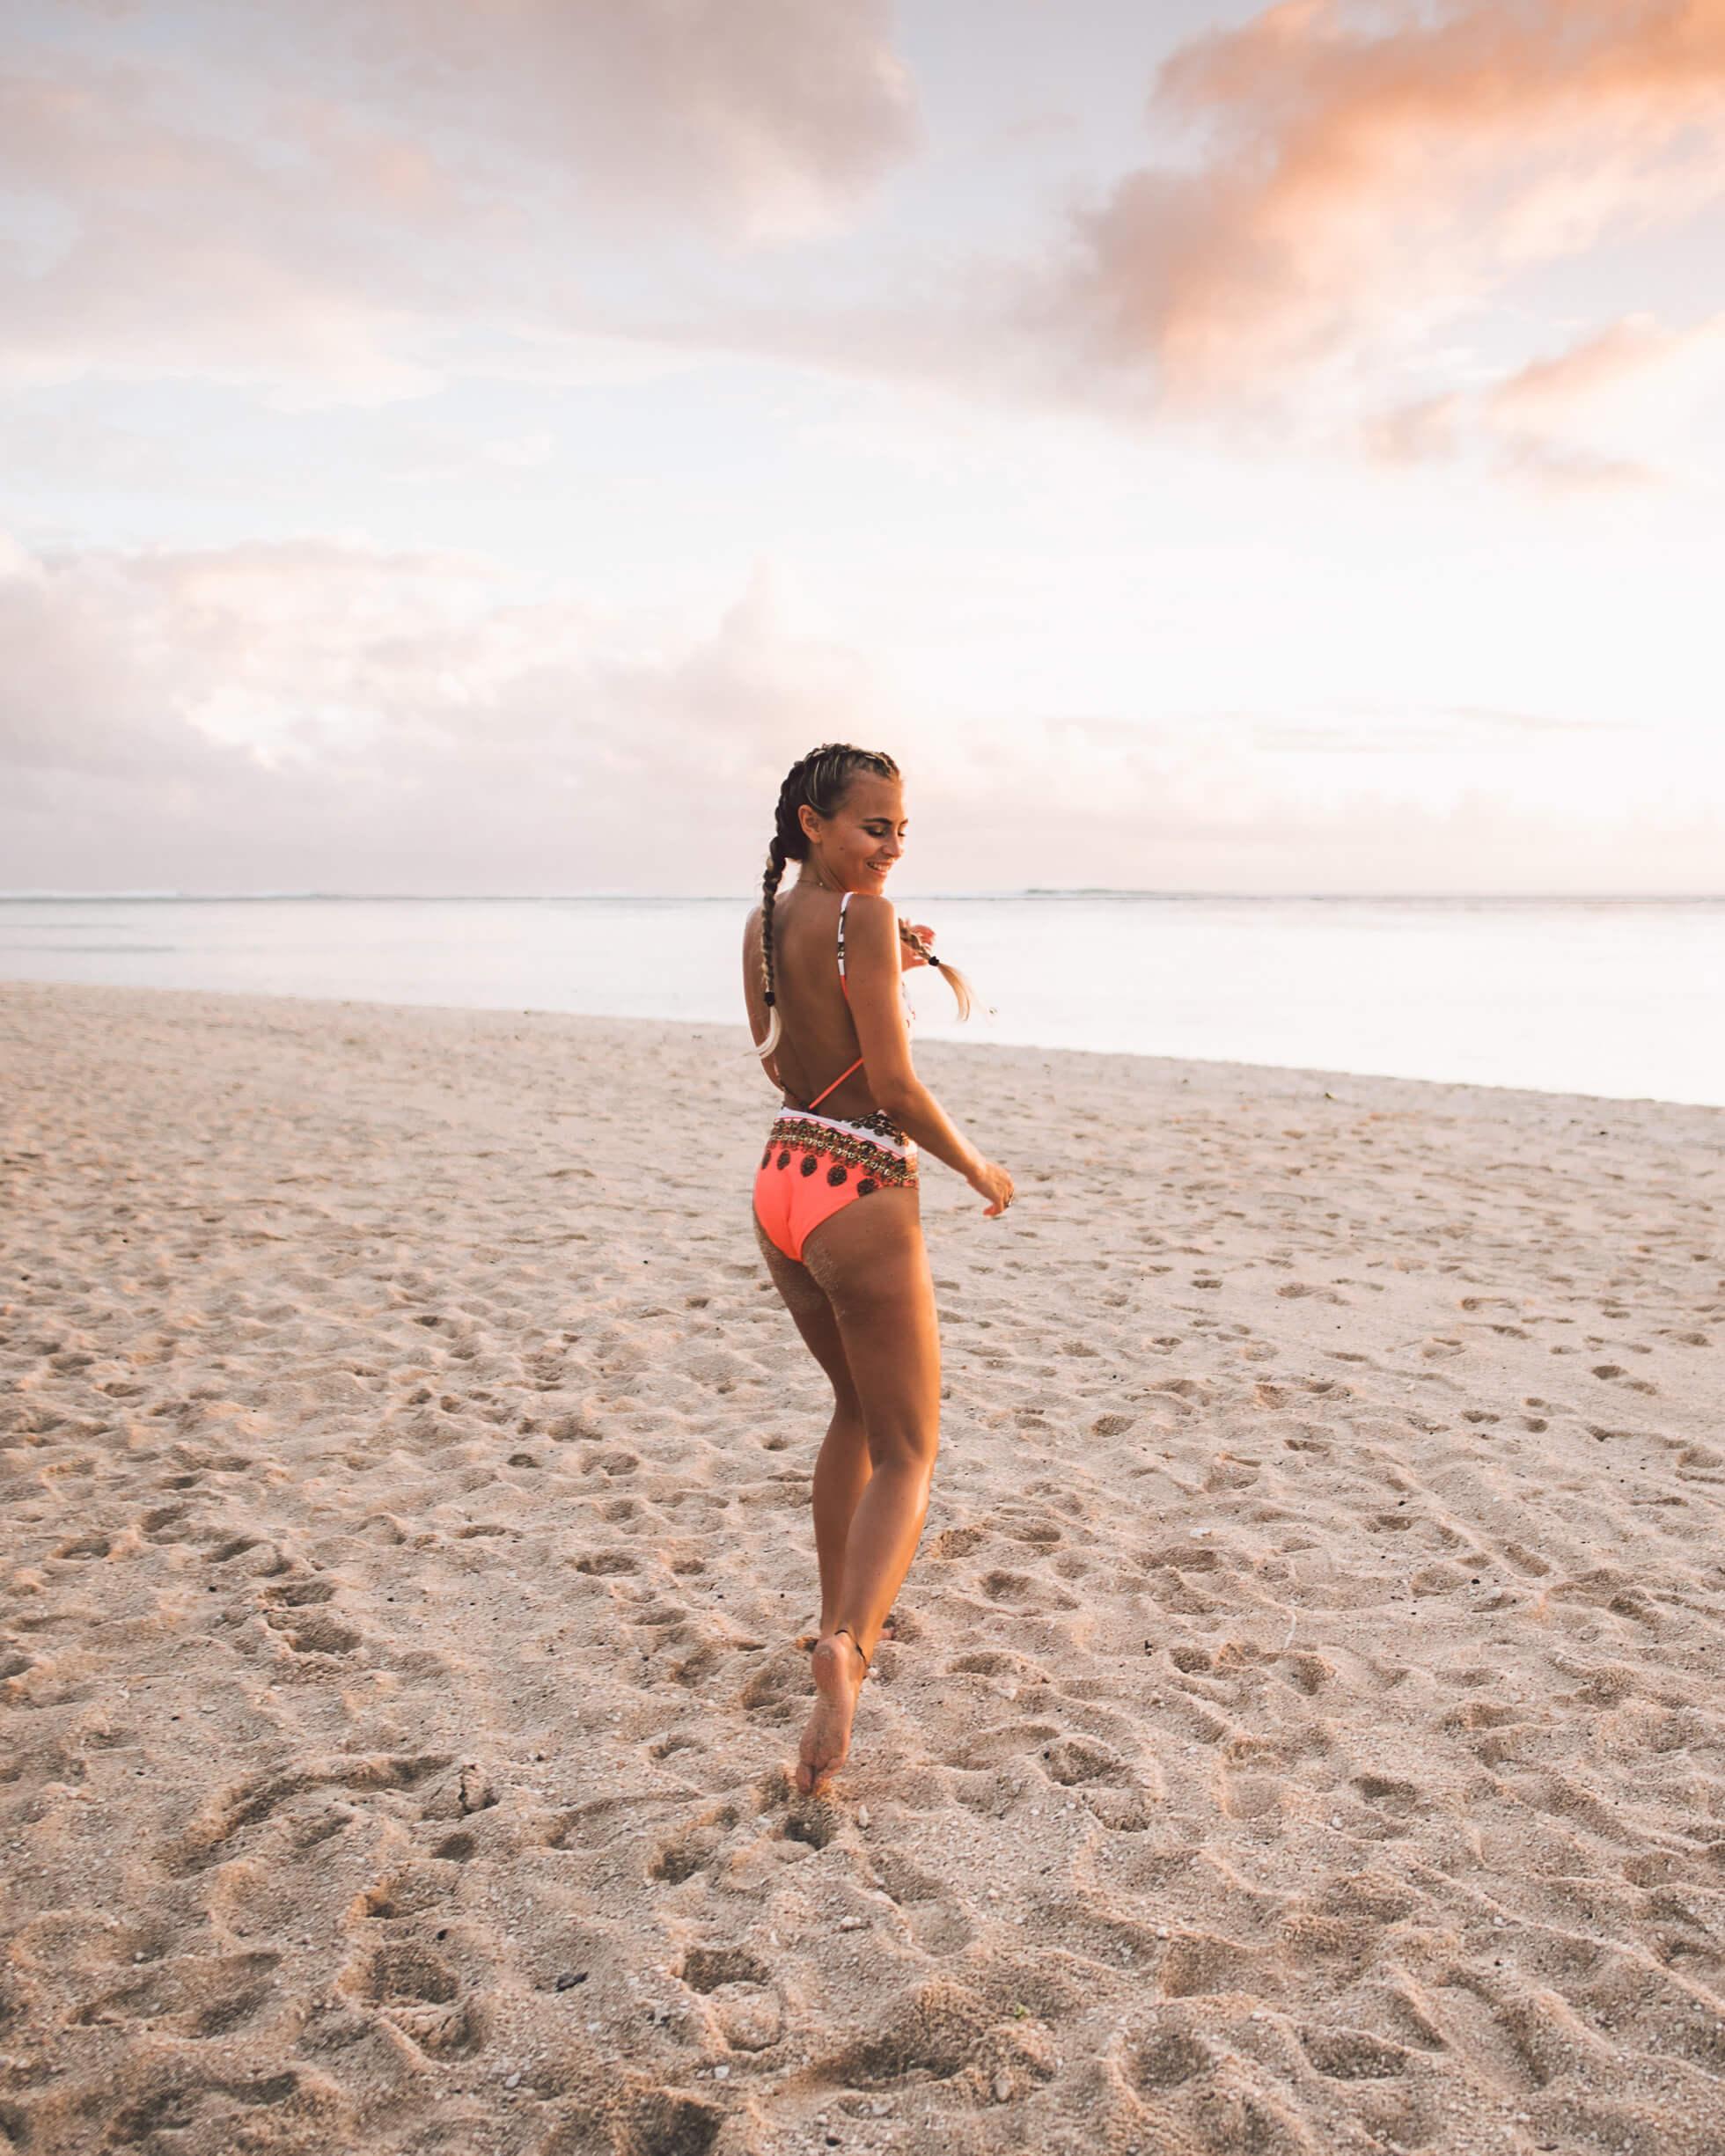 janni-deler-sunset-mauritiusDSC_4764